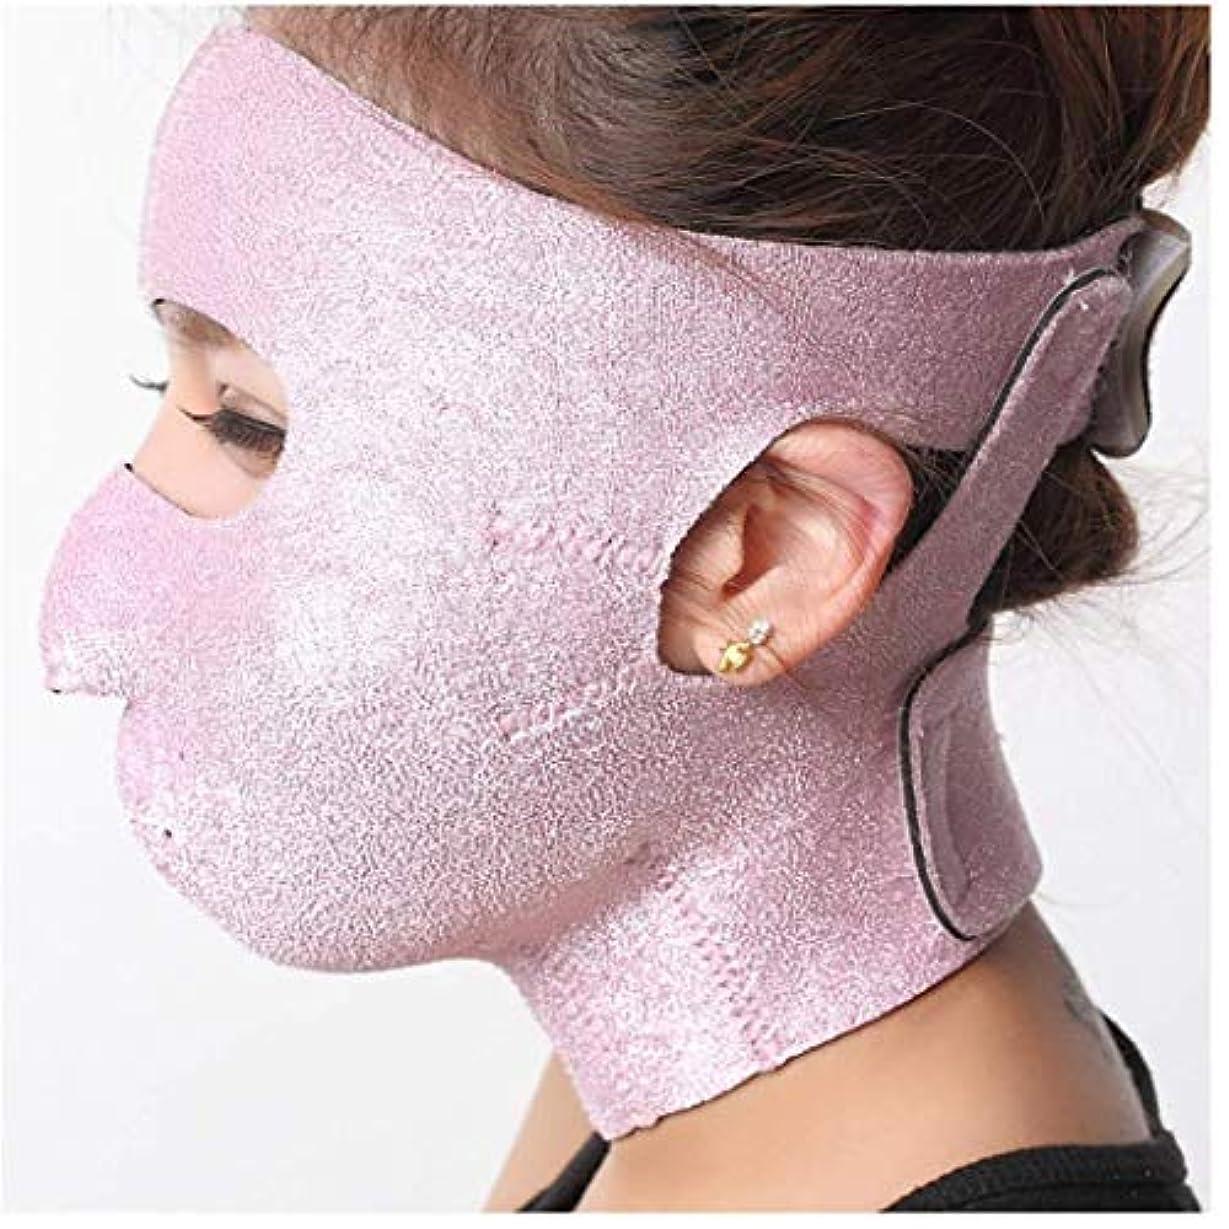 敷居モンク敵美容と実用的な引き締めフェイスマスク、小さなV顔アーティファクト睡眠薄い顔包帯マスクリフティングマスク引き締めクリーム顔リフトフェイスメロン顔楽器